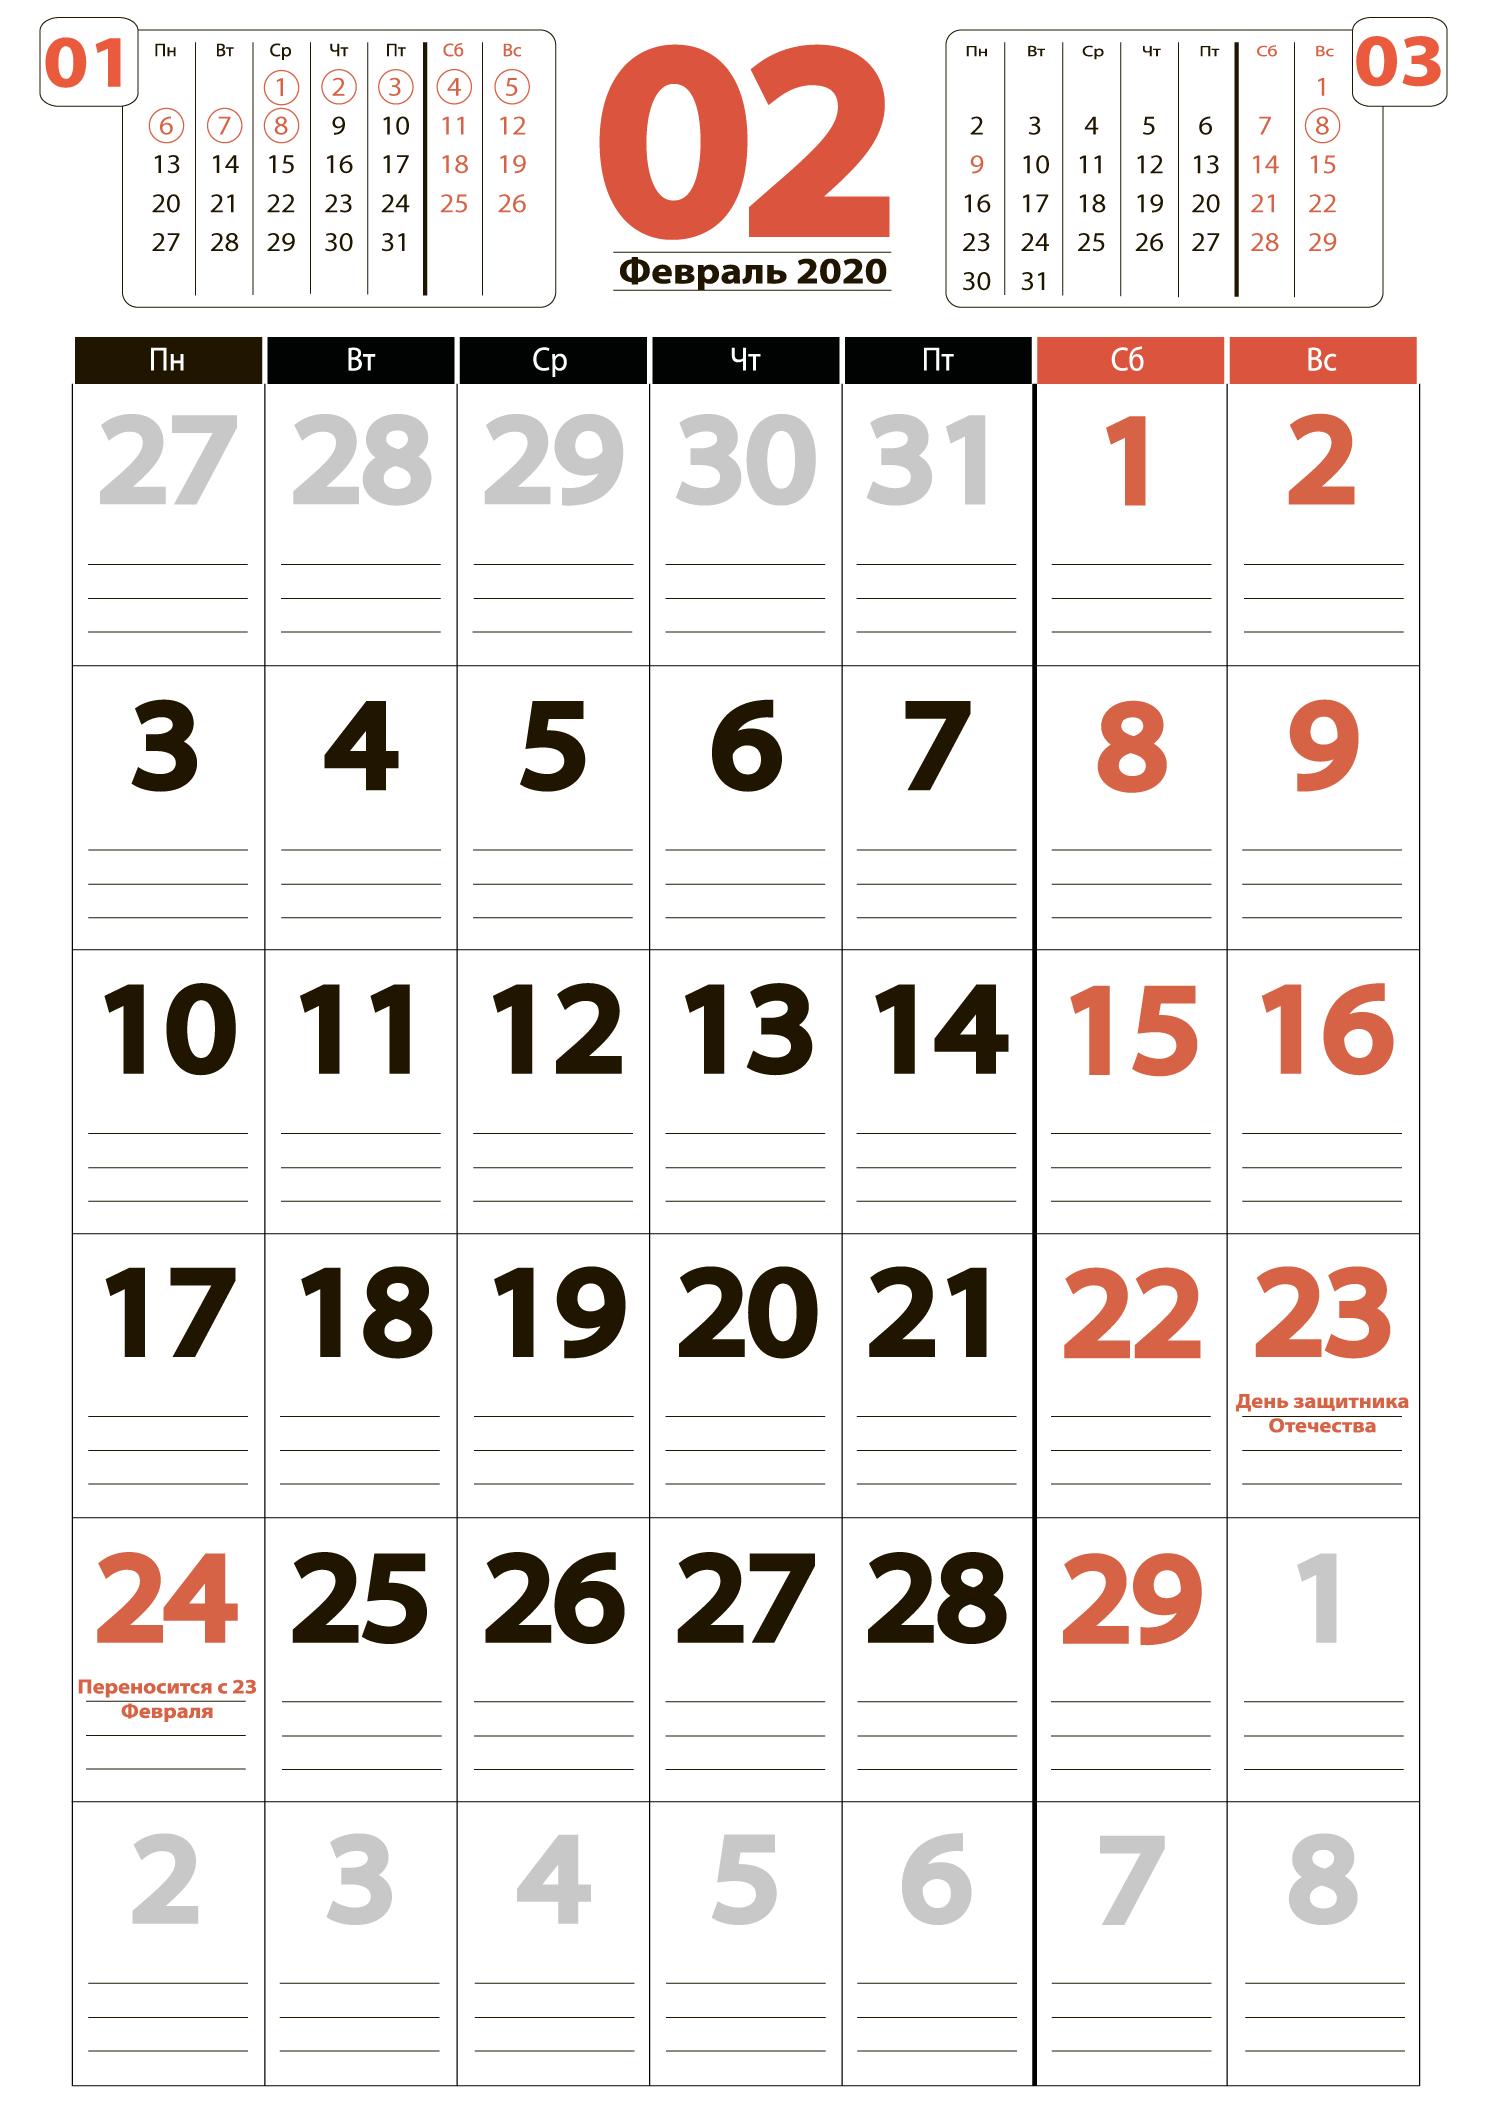 Календарь на февраль 2020 - скачать